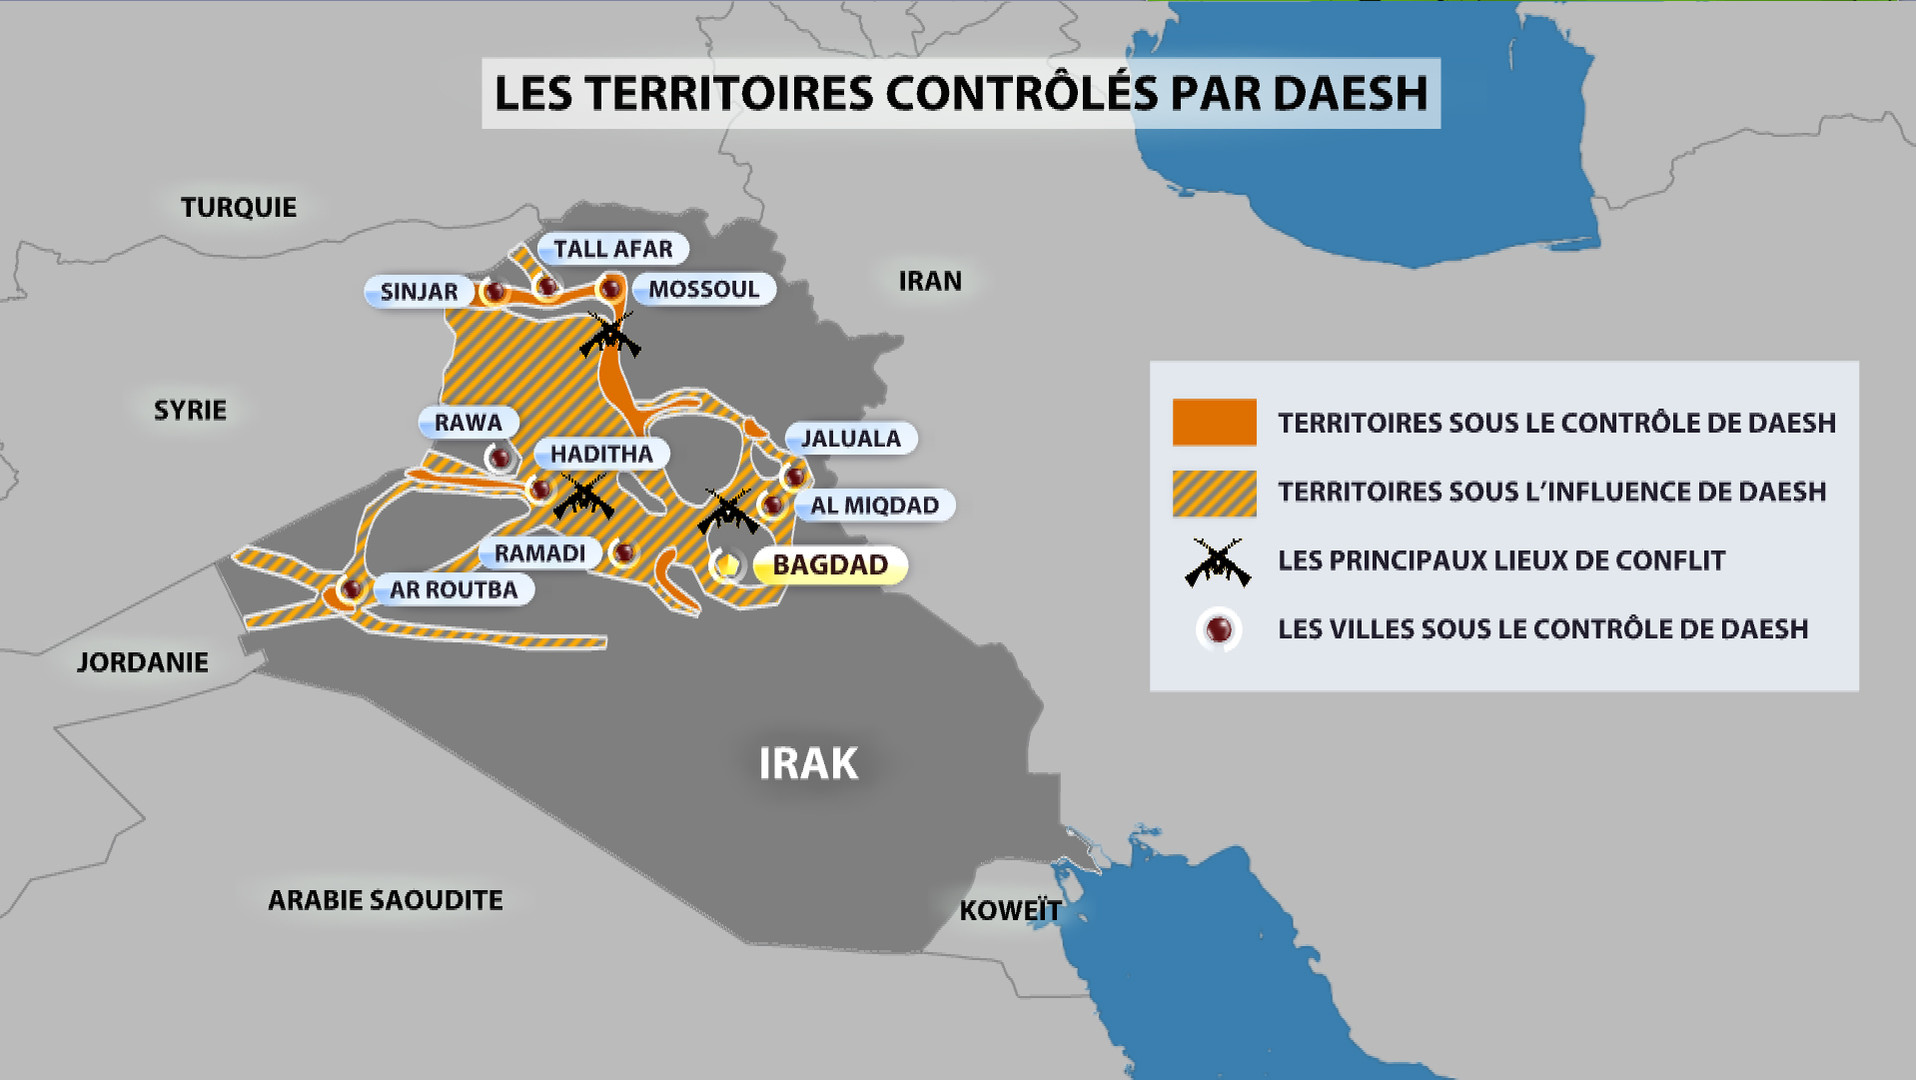 Les militaires irakiens qui ont cédé Ramadi à Daesh passeront devant la justice